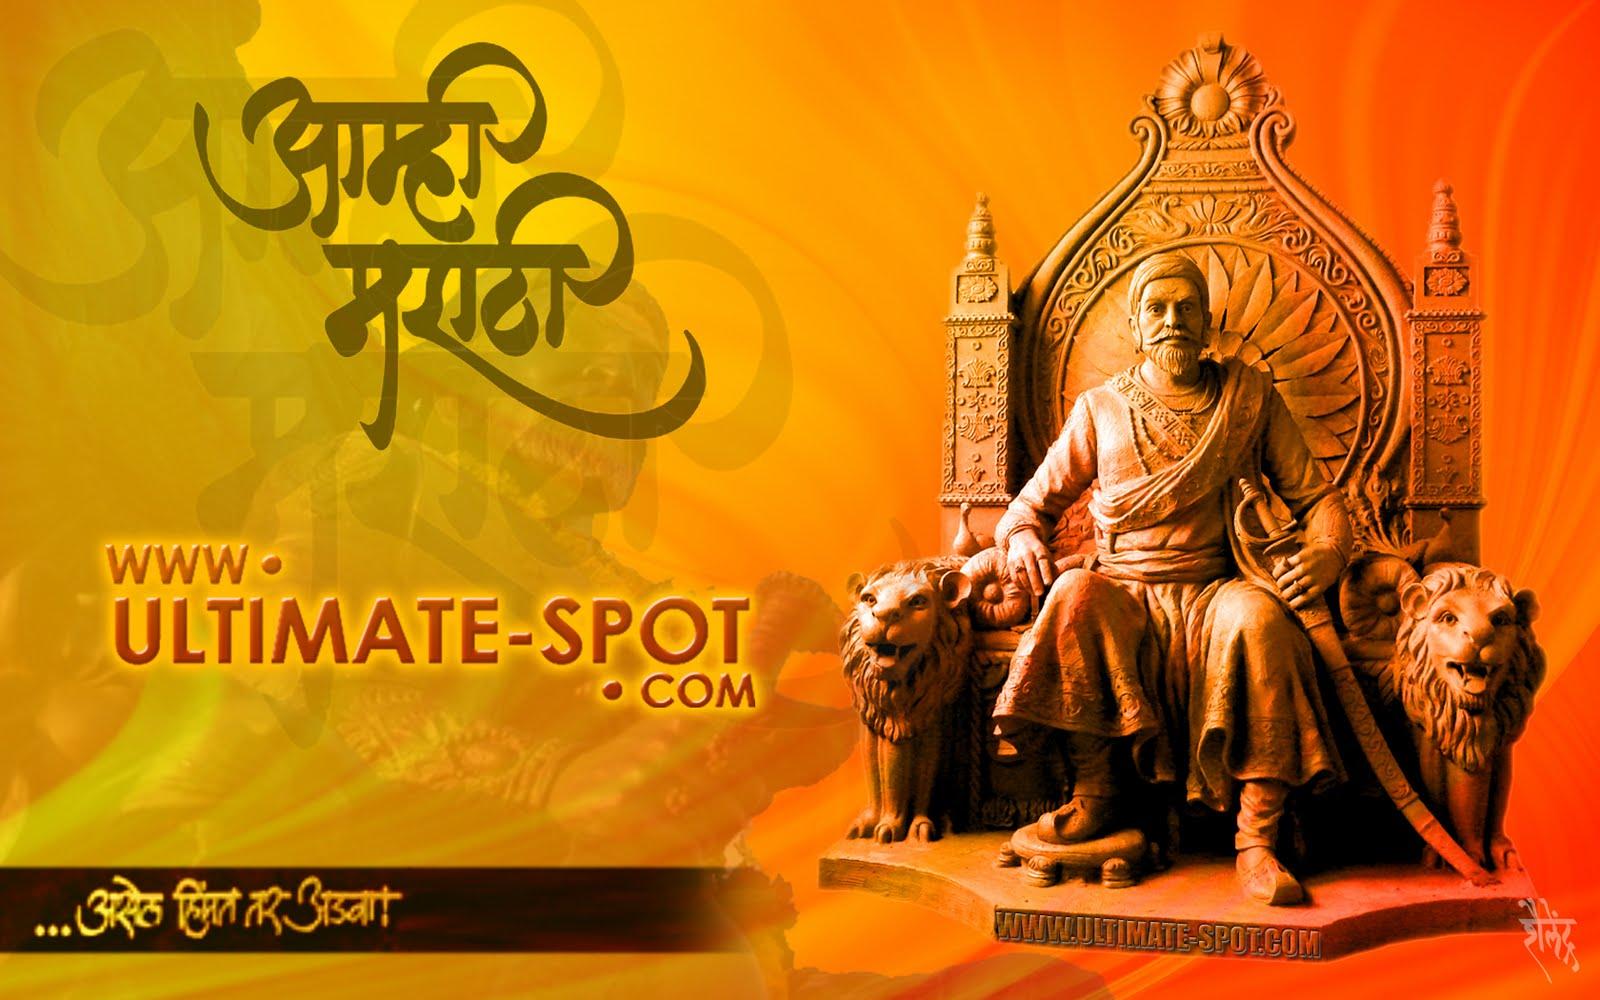 http://2.bp.blogspot.com/__Z03asWF_Mc/TLFgr6vvEMI/AAAAAAAAACw/uURR1Kq-7aE/S1600-R/Shivaji-Maharaj_Marathi.jpg